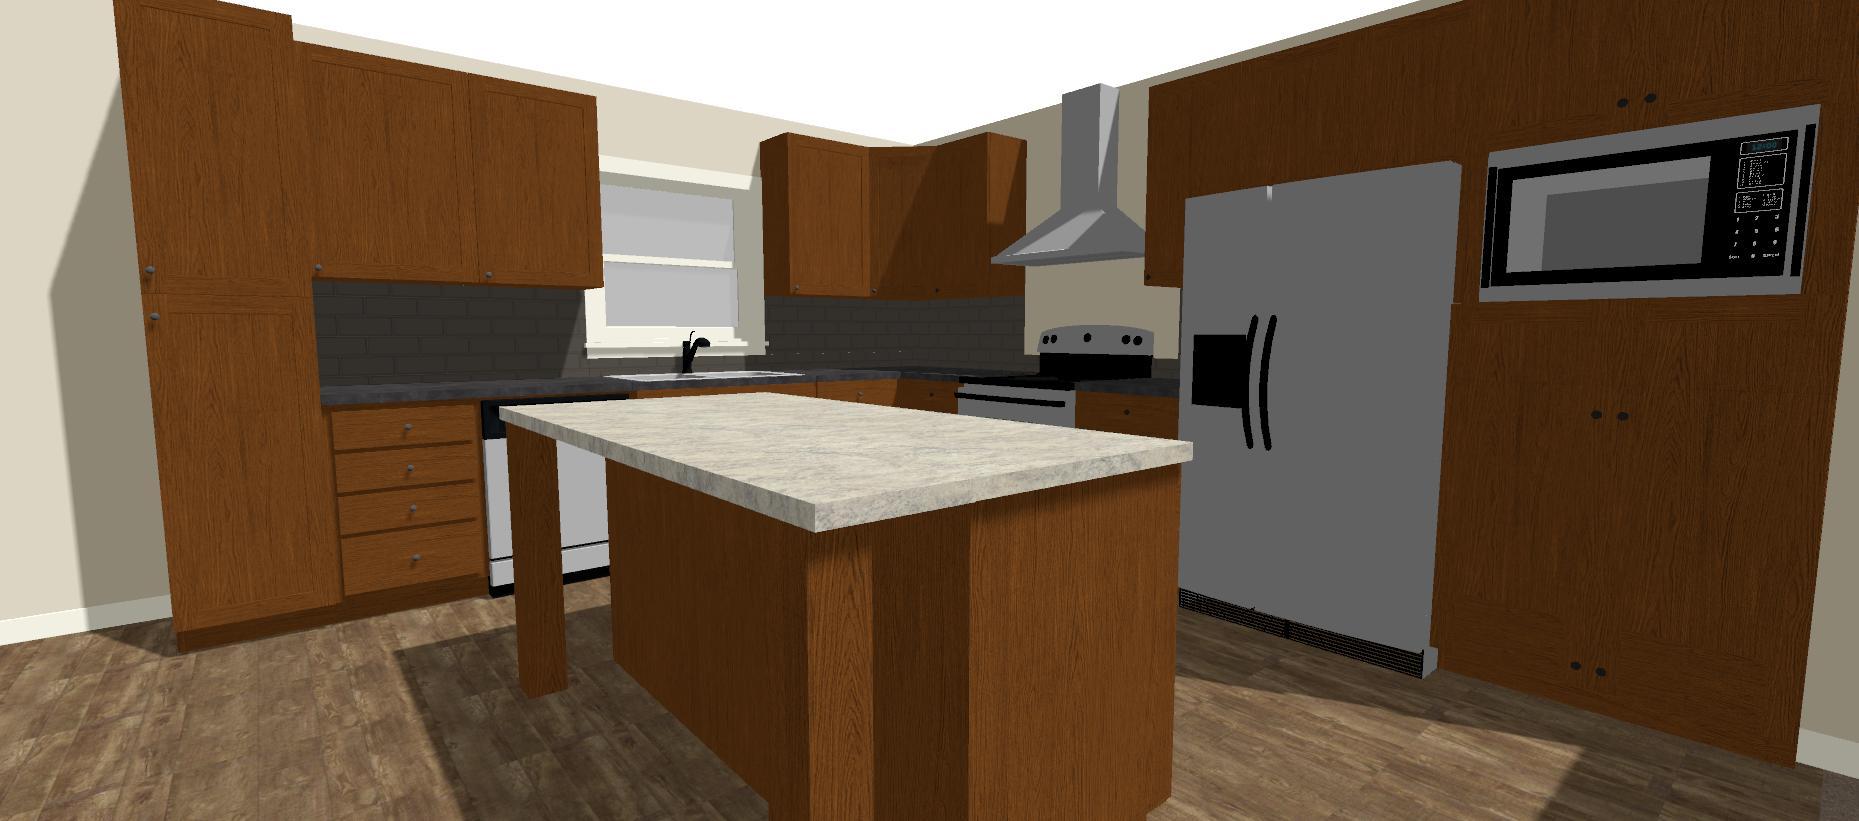 6428-69-kitchen.jpg